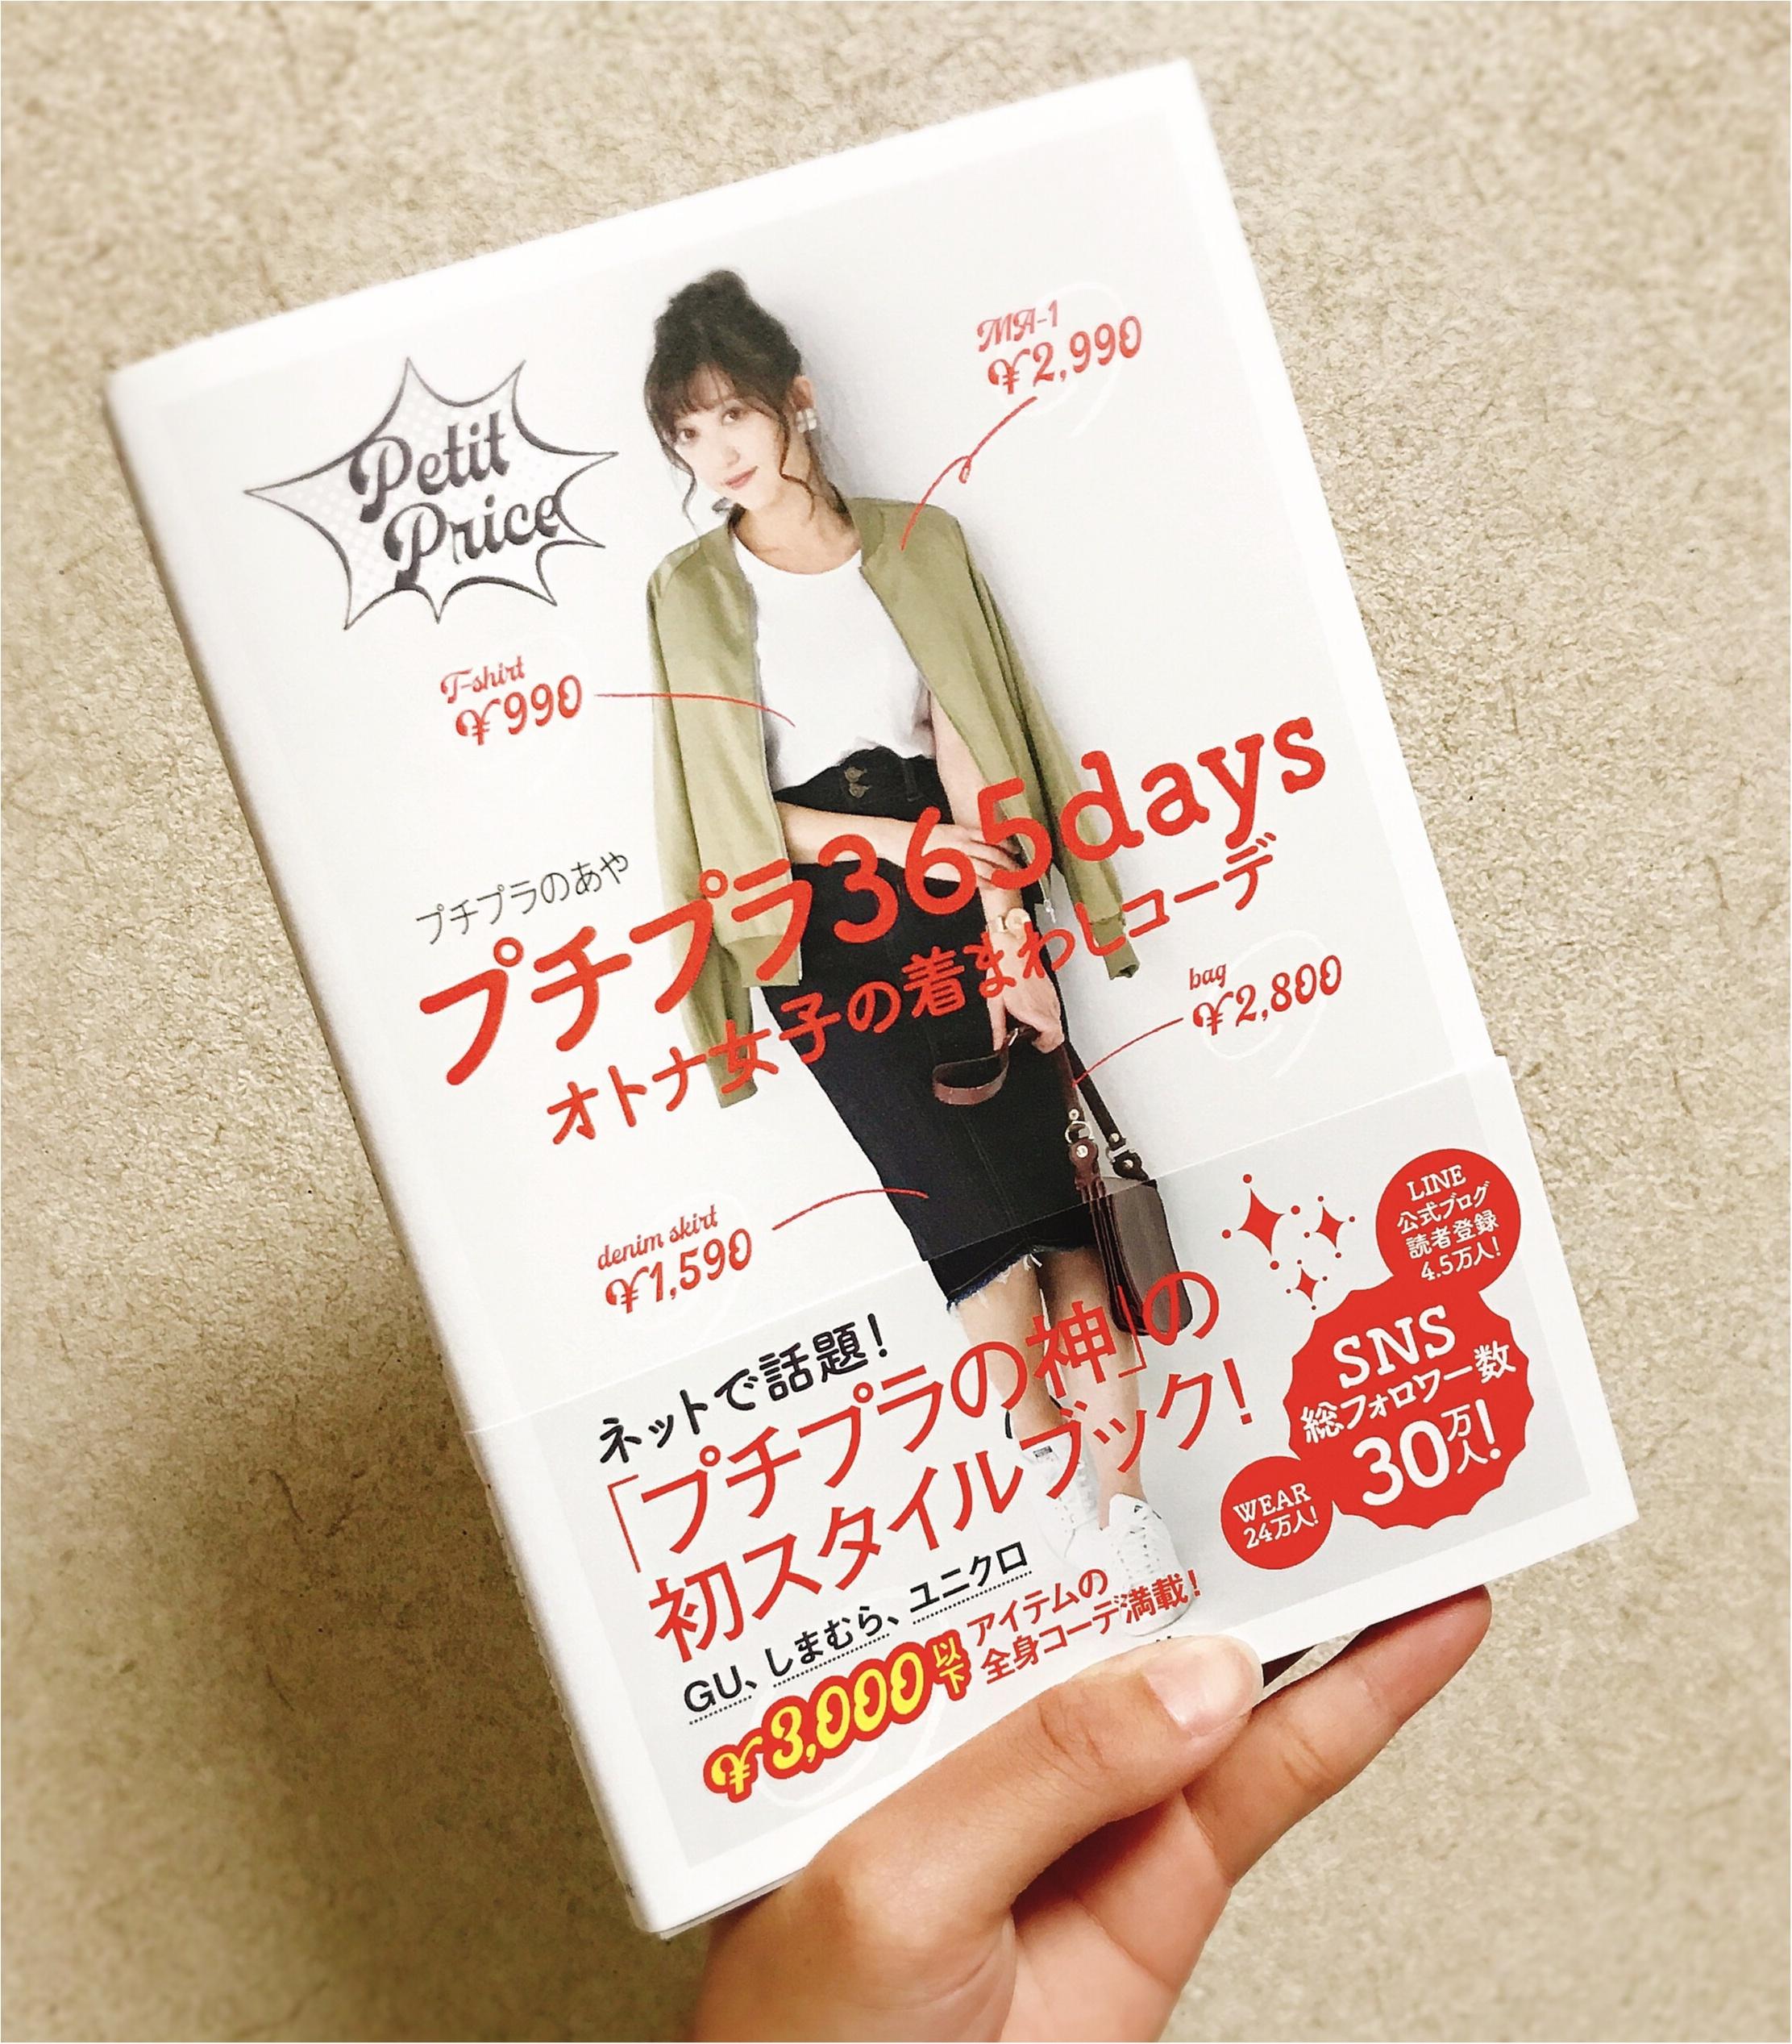 """《ネットで話題‼︎》""""プチプラの神""""が初スタイルブックを発売✨プチプラユーザー必見のオトナ女子着回しコーデが満載♡_1"""